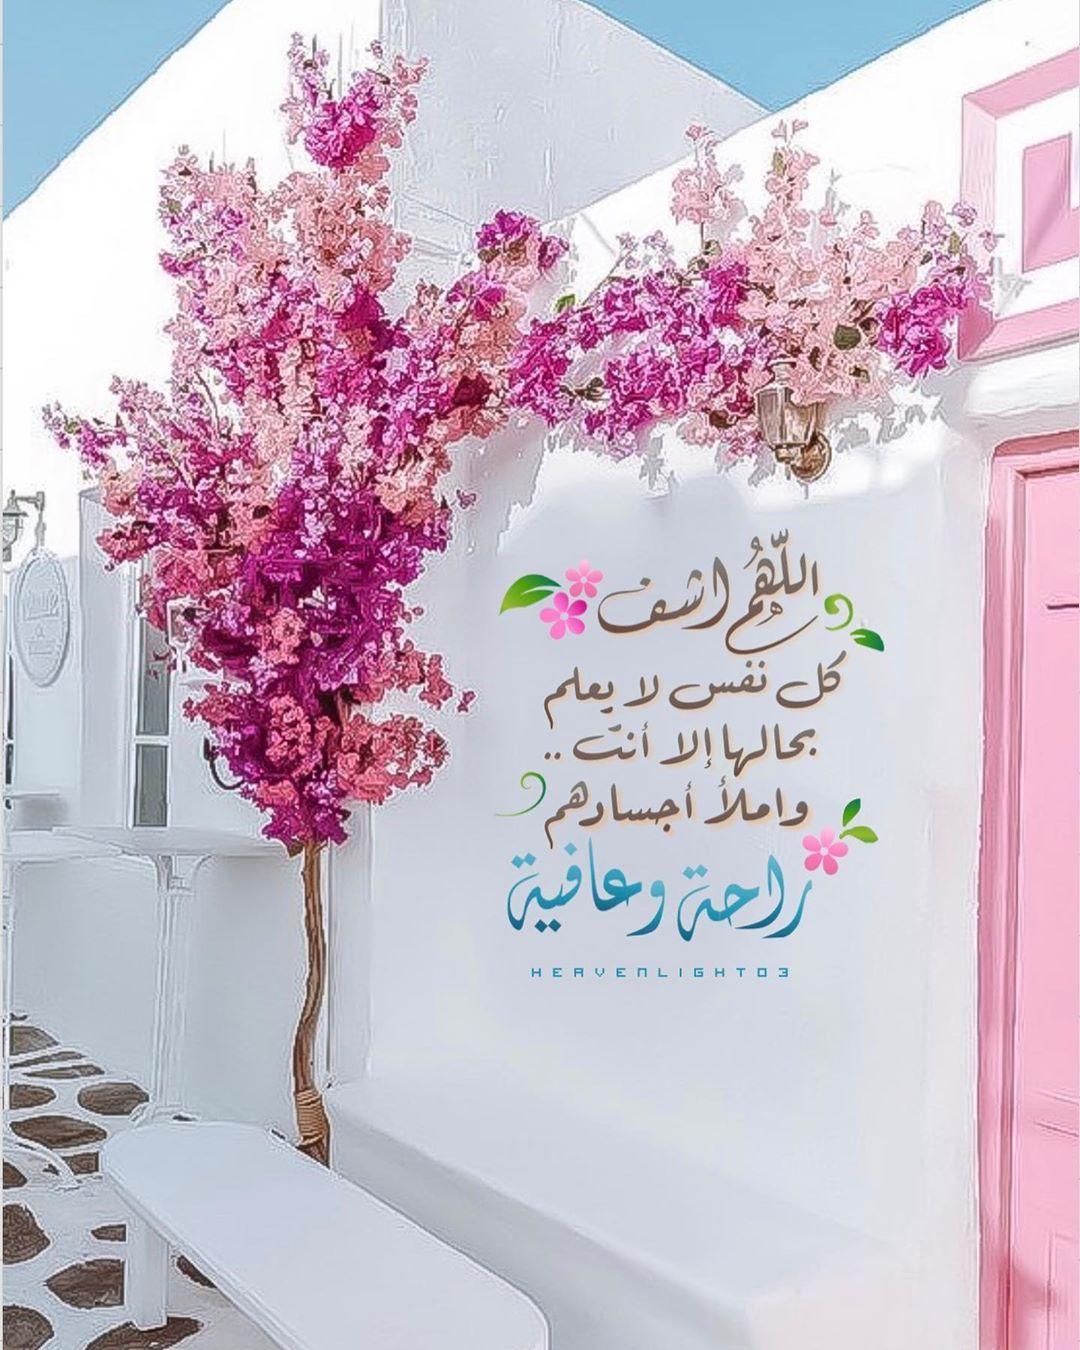 Muna On Instagram اللهم اشف كل نفس لا يعلم بحالها إلا أنت اللهم املأ أجسادهم ر 30th Birthday Quotes Evening Greetings Islamic Wallpaper